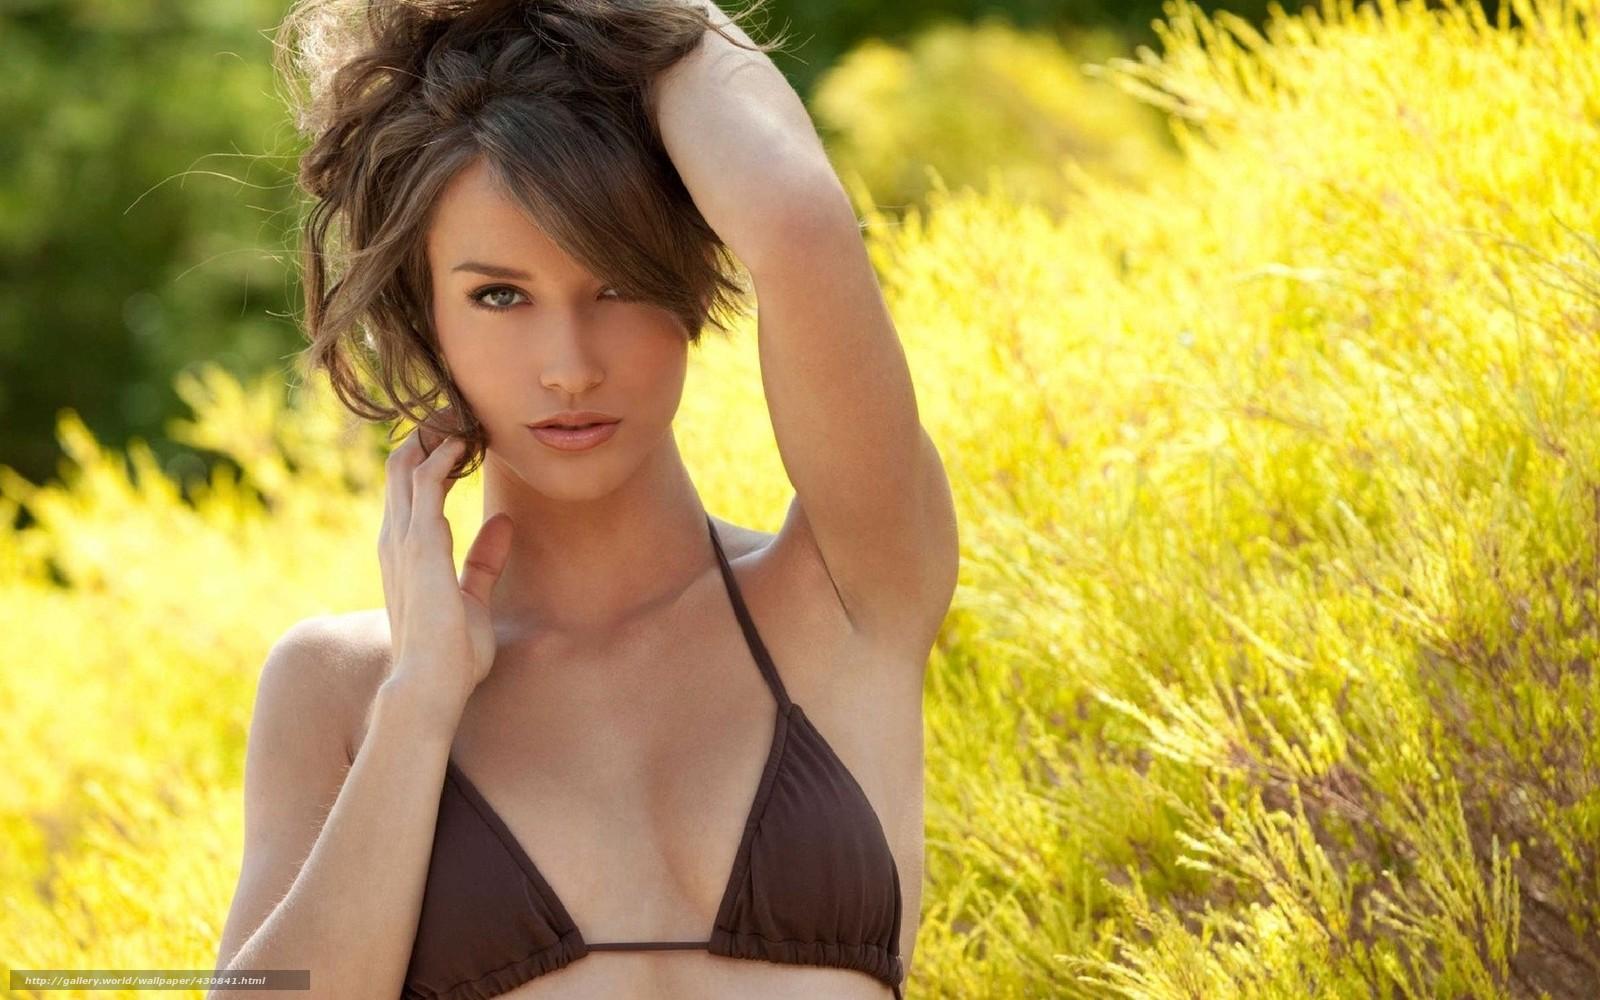 Сексуальный взгляд фото 8 фотография